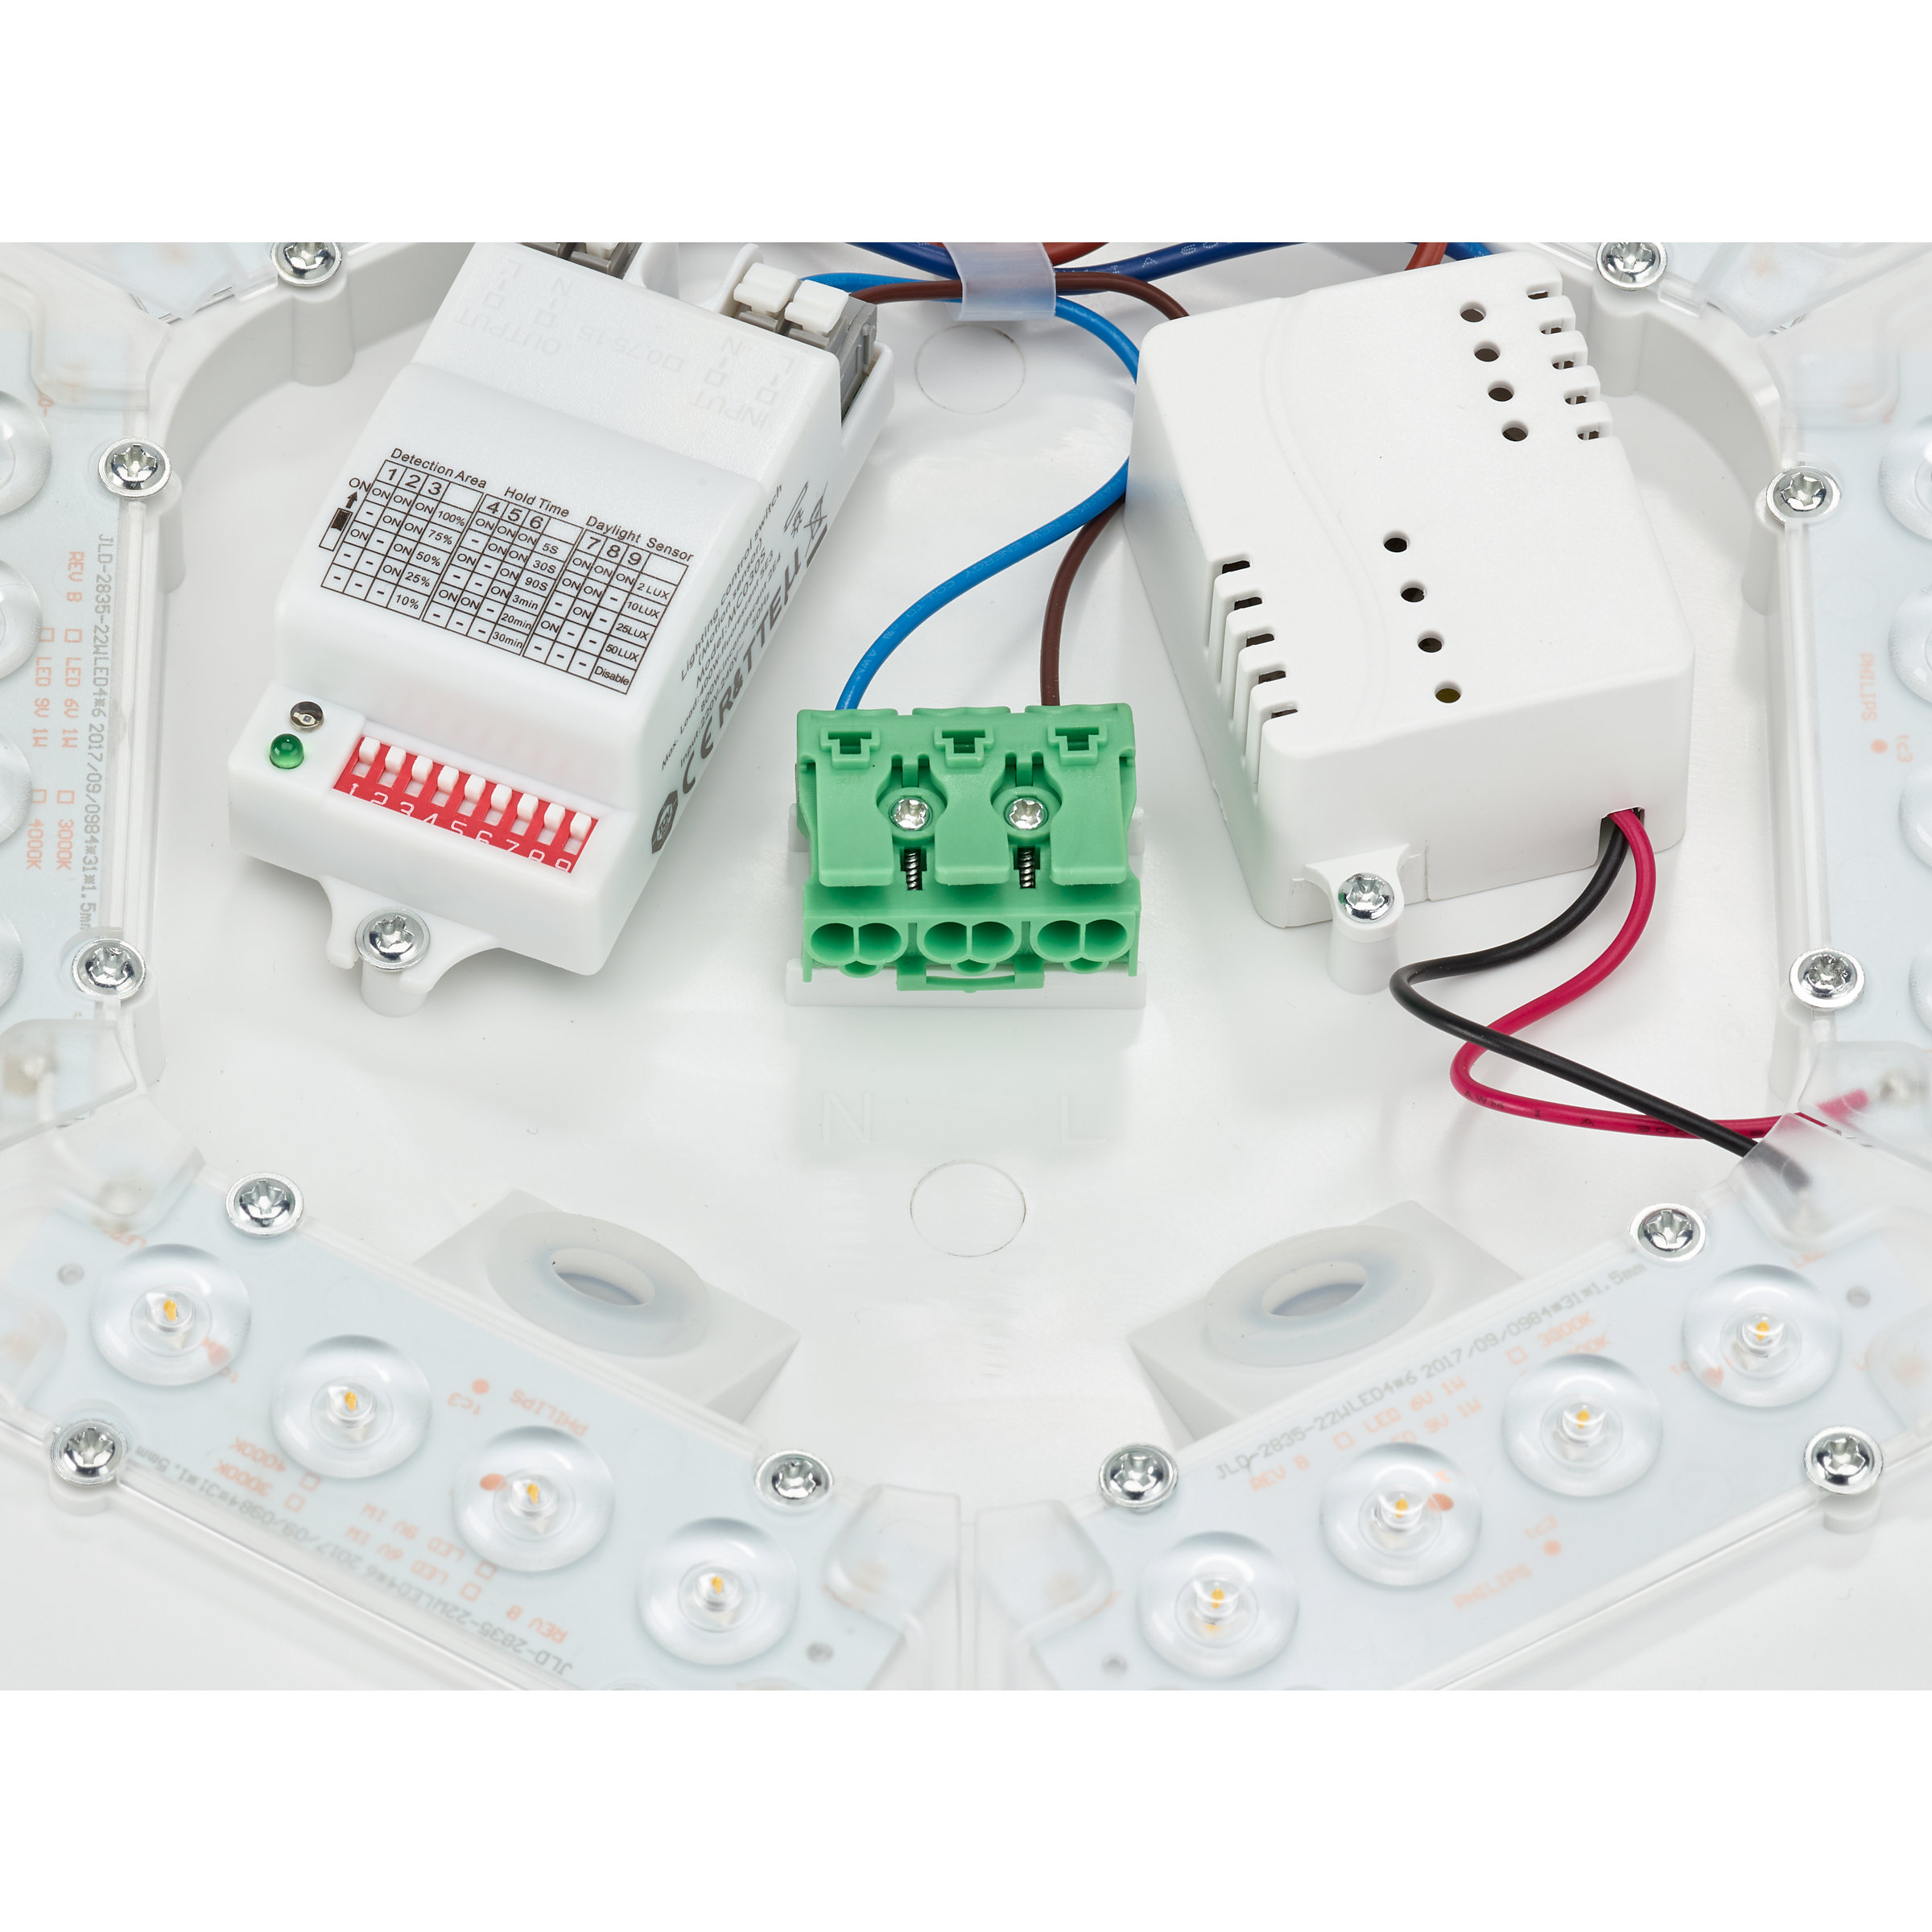 Philips CORELINE Wandlamp LED 1x12W/1200lm Wit